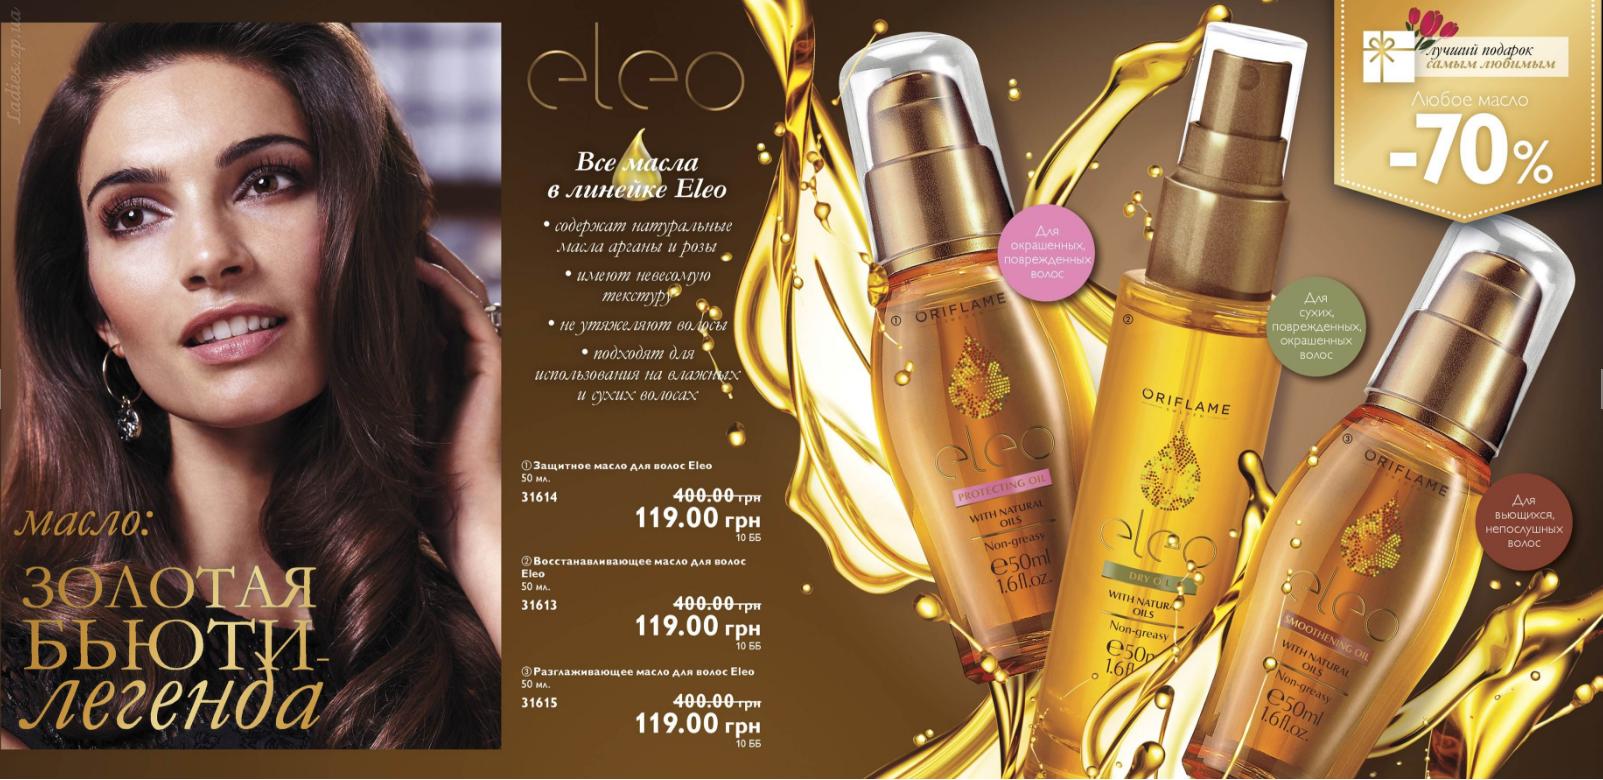 Орифлейм масло для волос элио отзывы